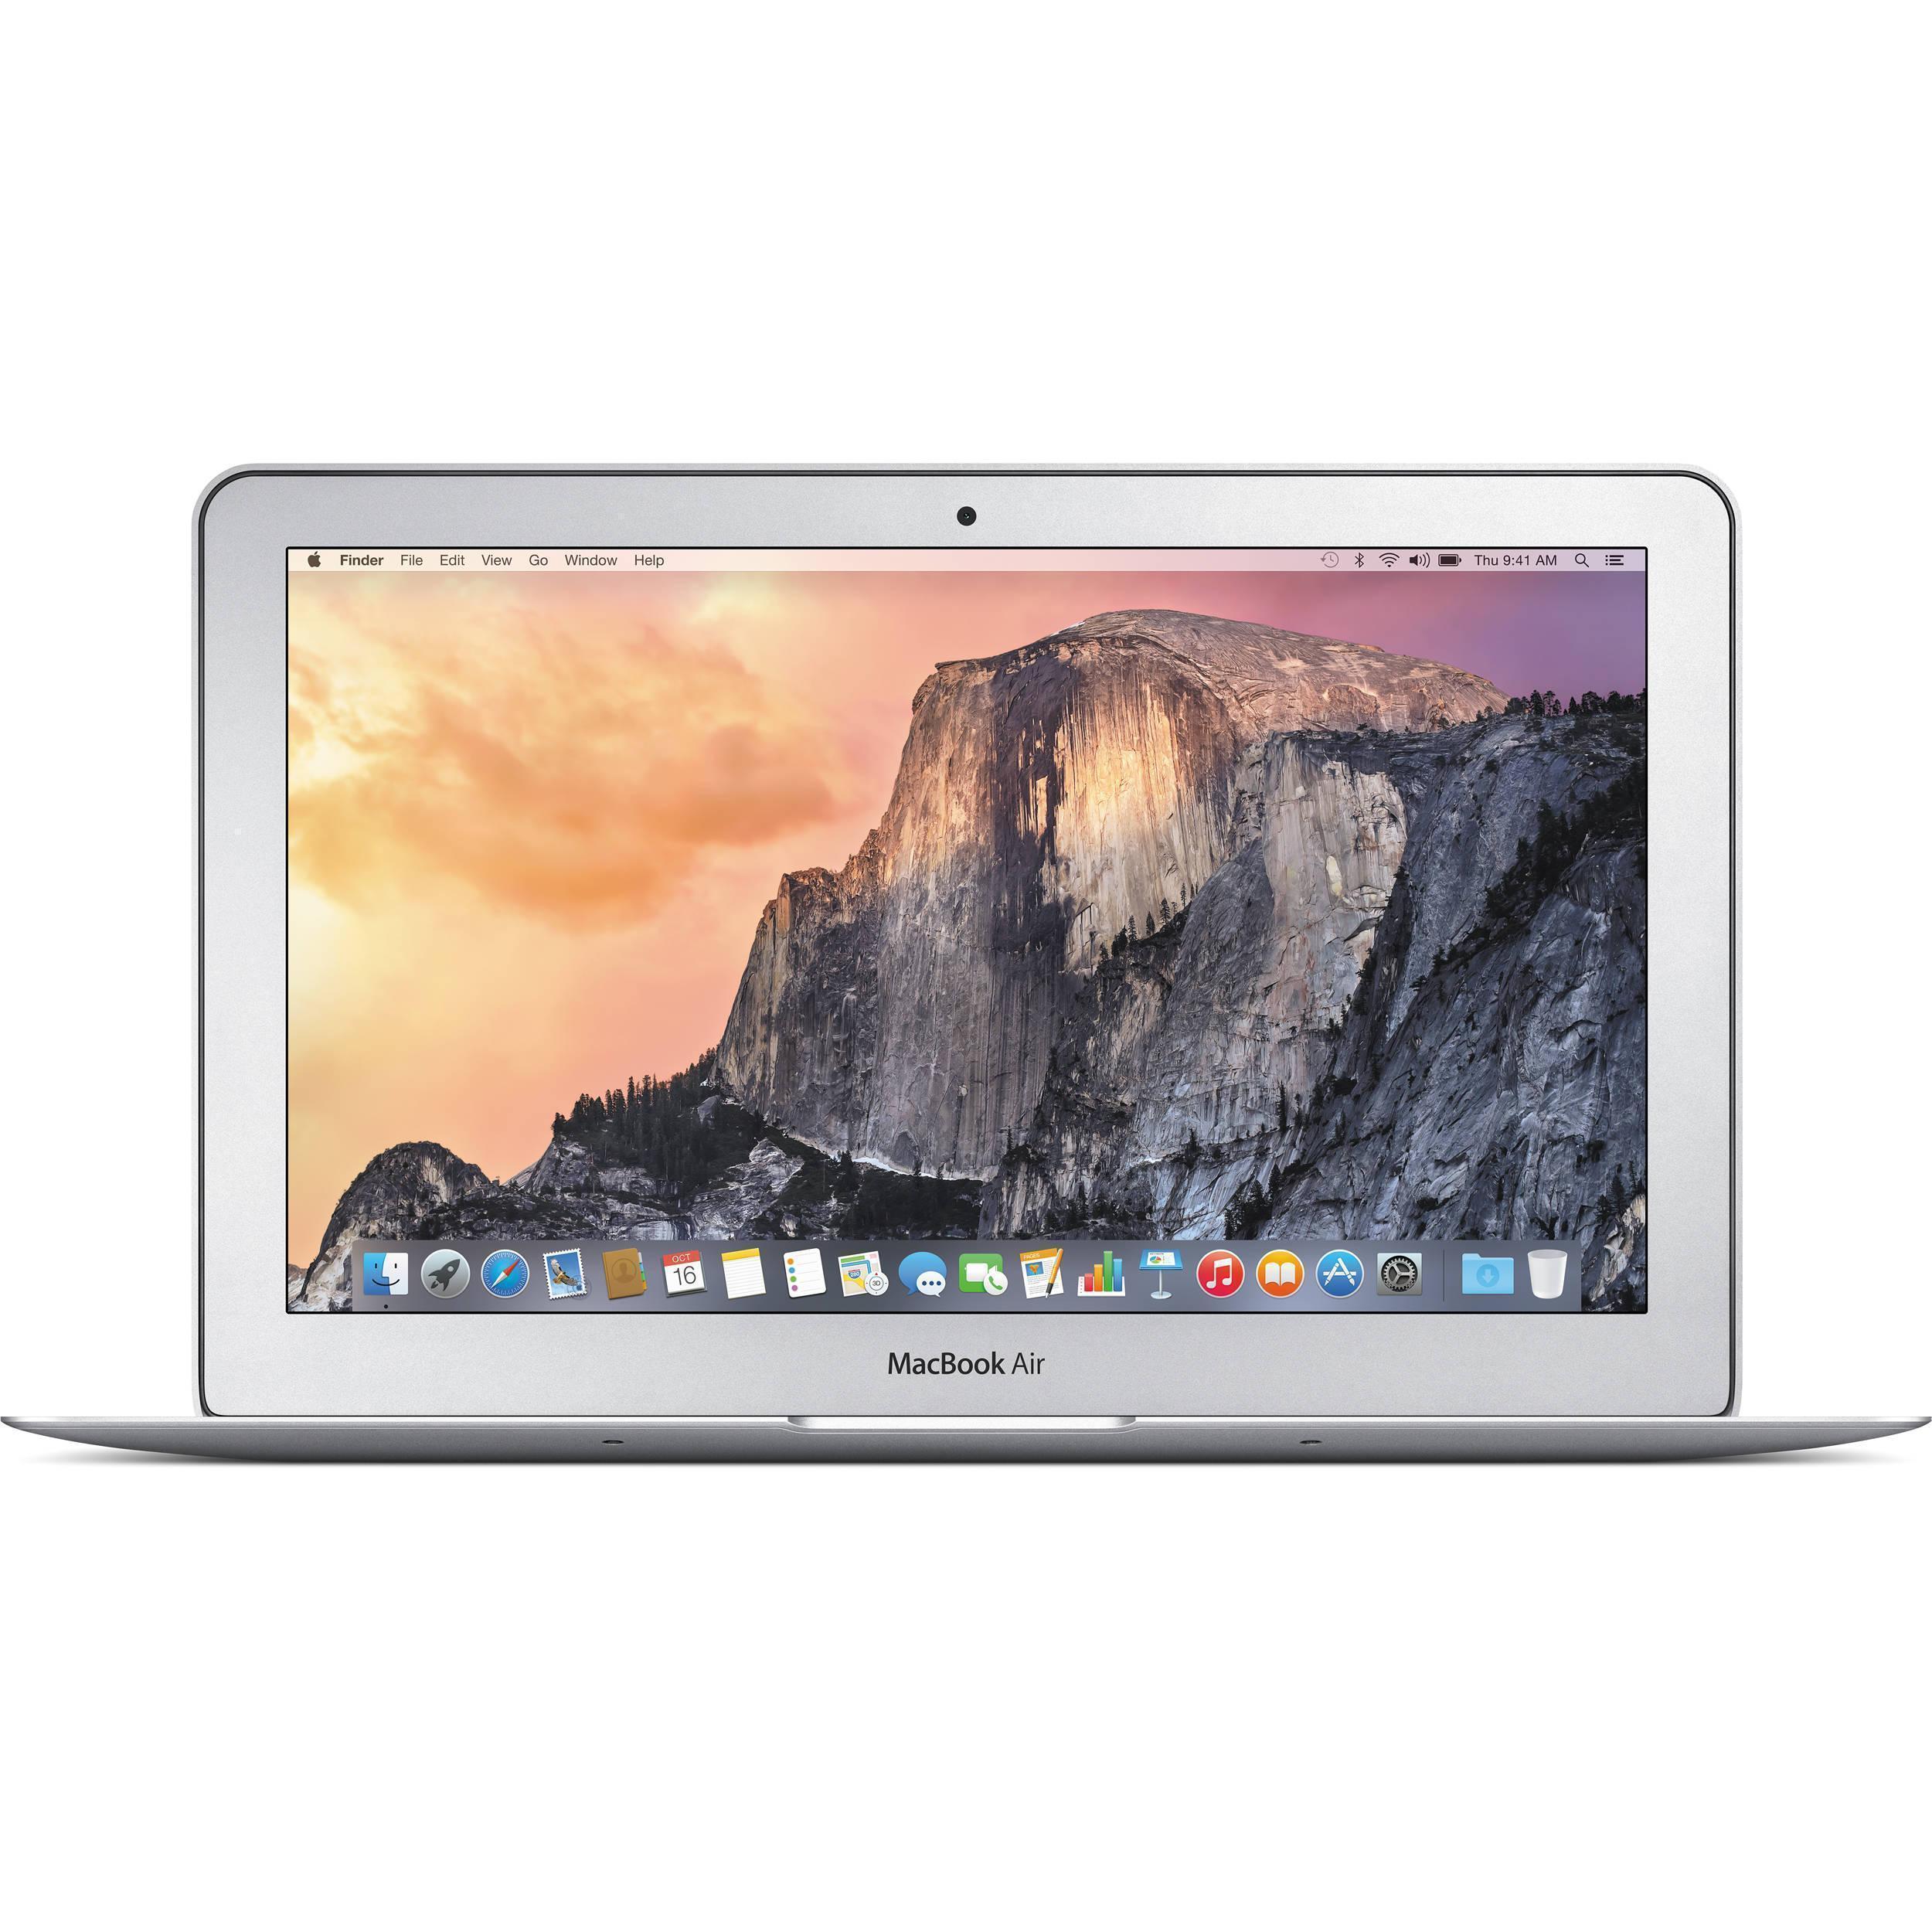 MacBook Air 11,6-tum (2012) - Core i5 - 4GB - SSD 512 GB QWERTZ - Tyska